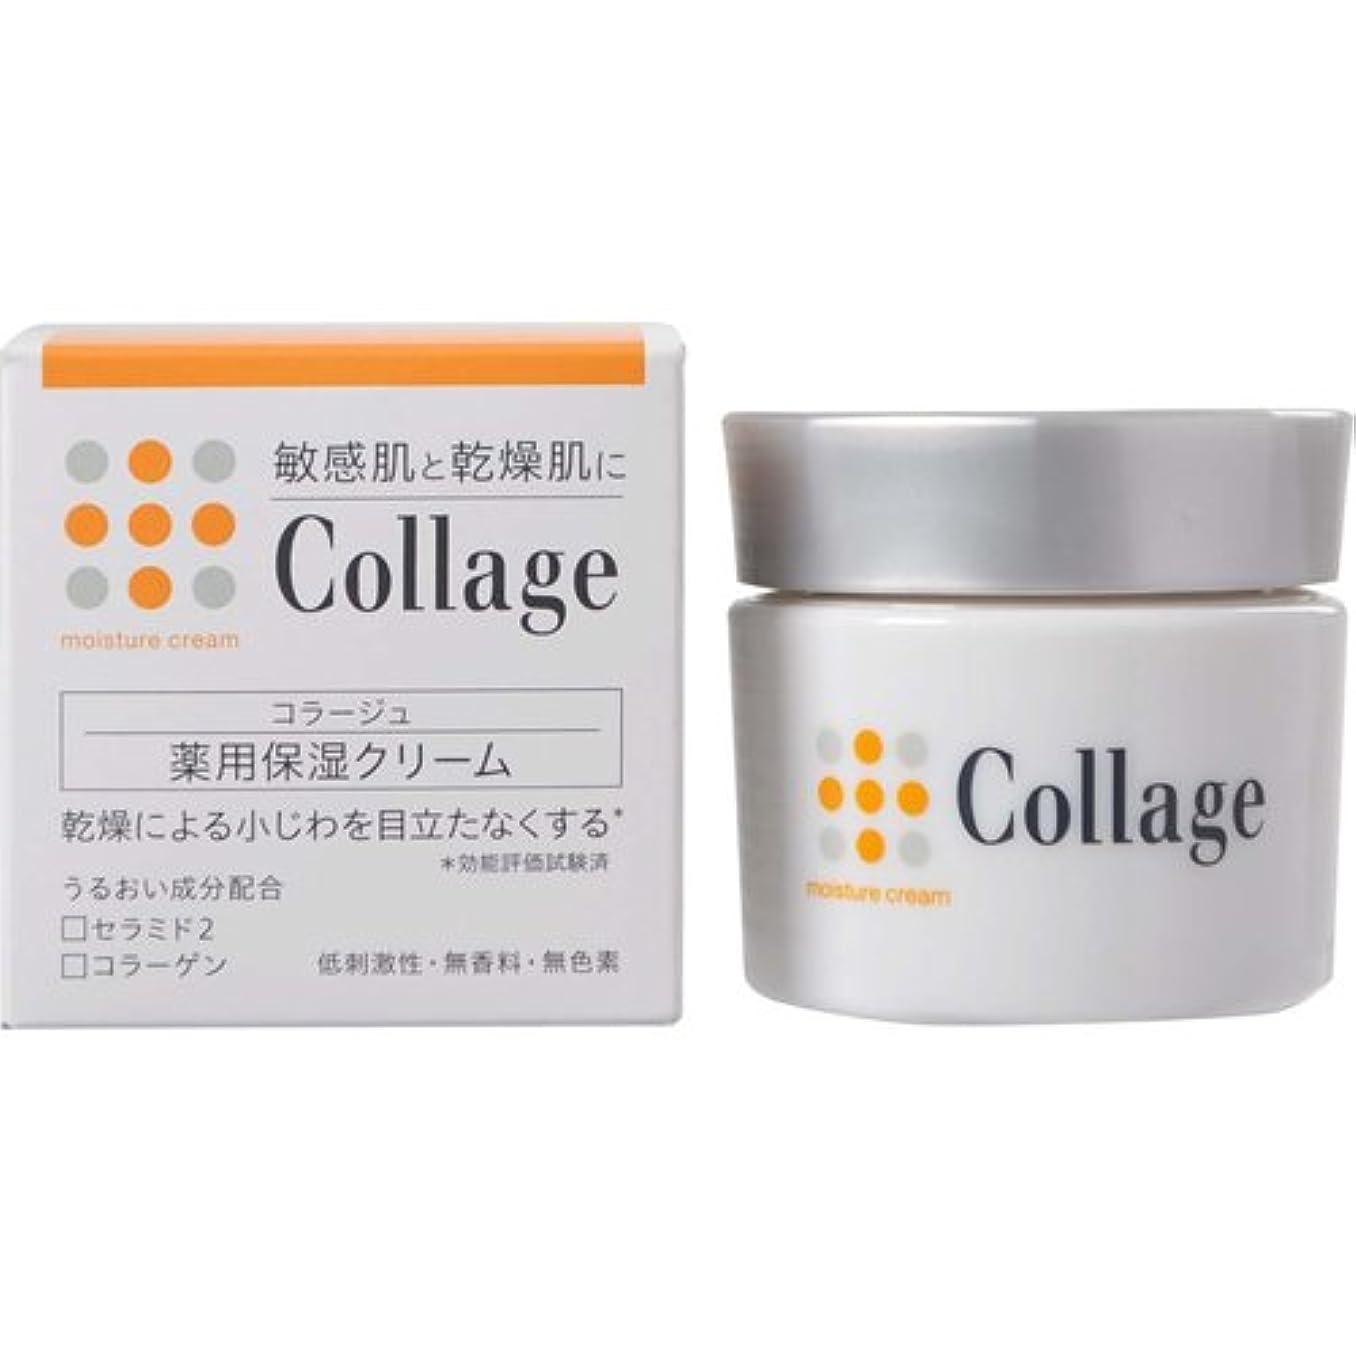 食い違い他の場所樹皮コラージュ 薬用保湿クリーム 30g 【医薬部外品】